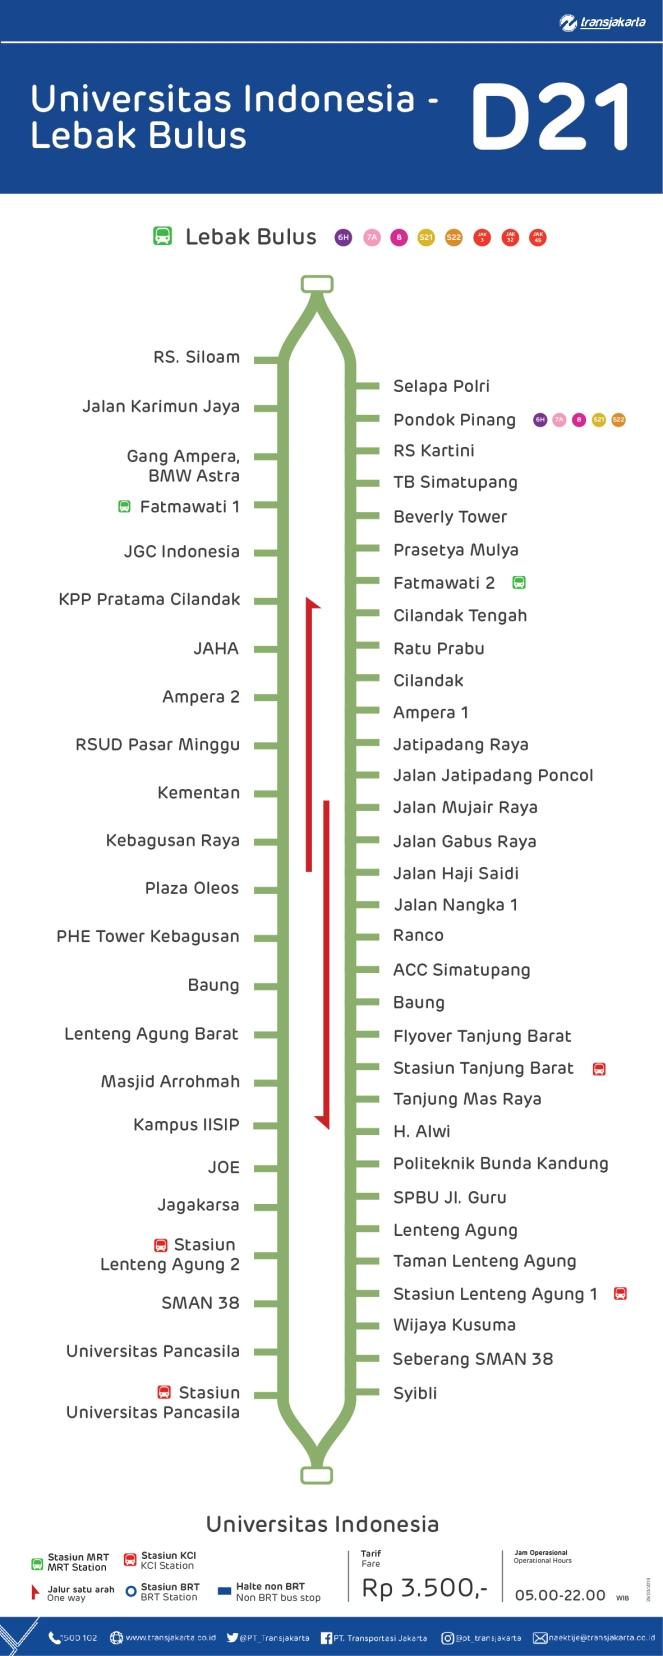 D21-Universitas-Indonesia-Lebak-Bulus